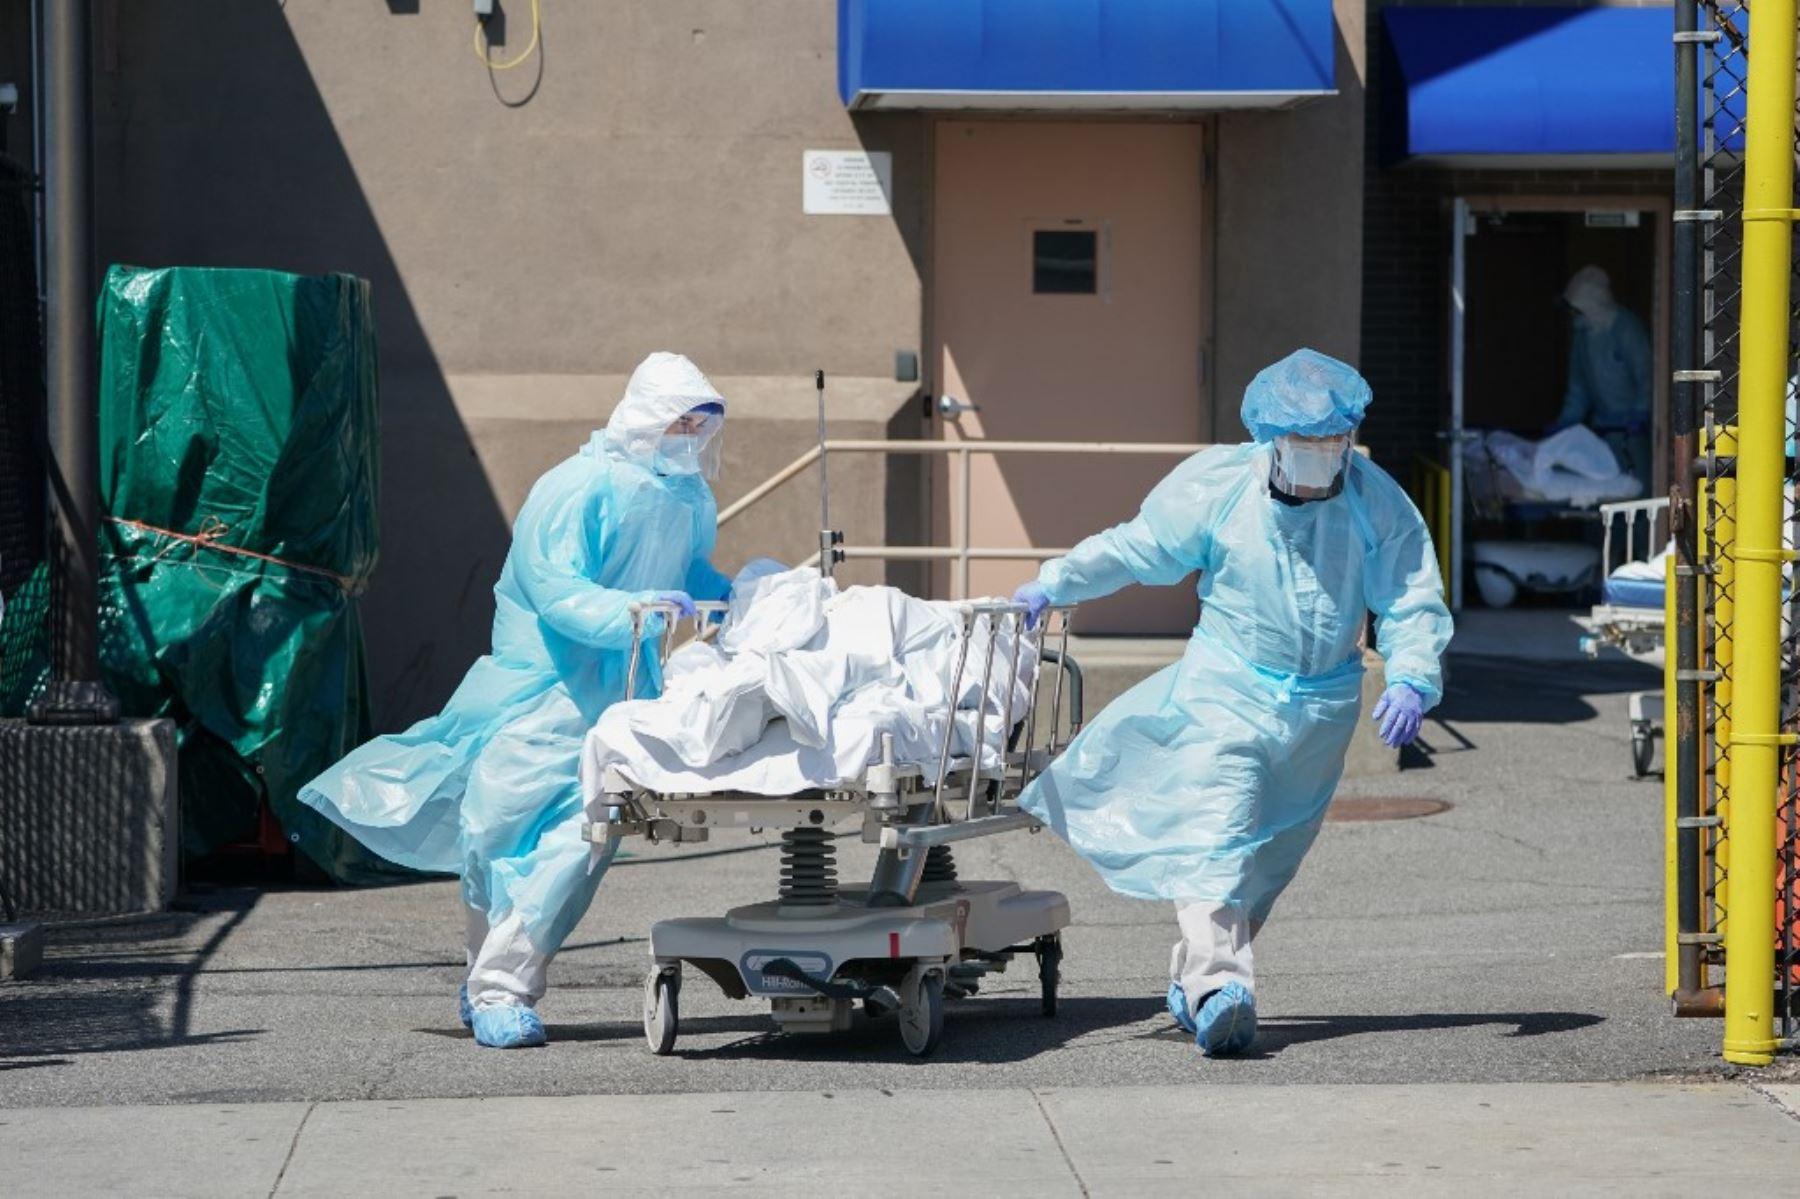 Los cuerpos de cadáveres por covid-19, se trasladan a un camión de refrigeración que sirve como depósito de cadáveres temporal en el Hospital Wyckoff en el distrito de Brooklyn en Nueva York. Foto:AFP